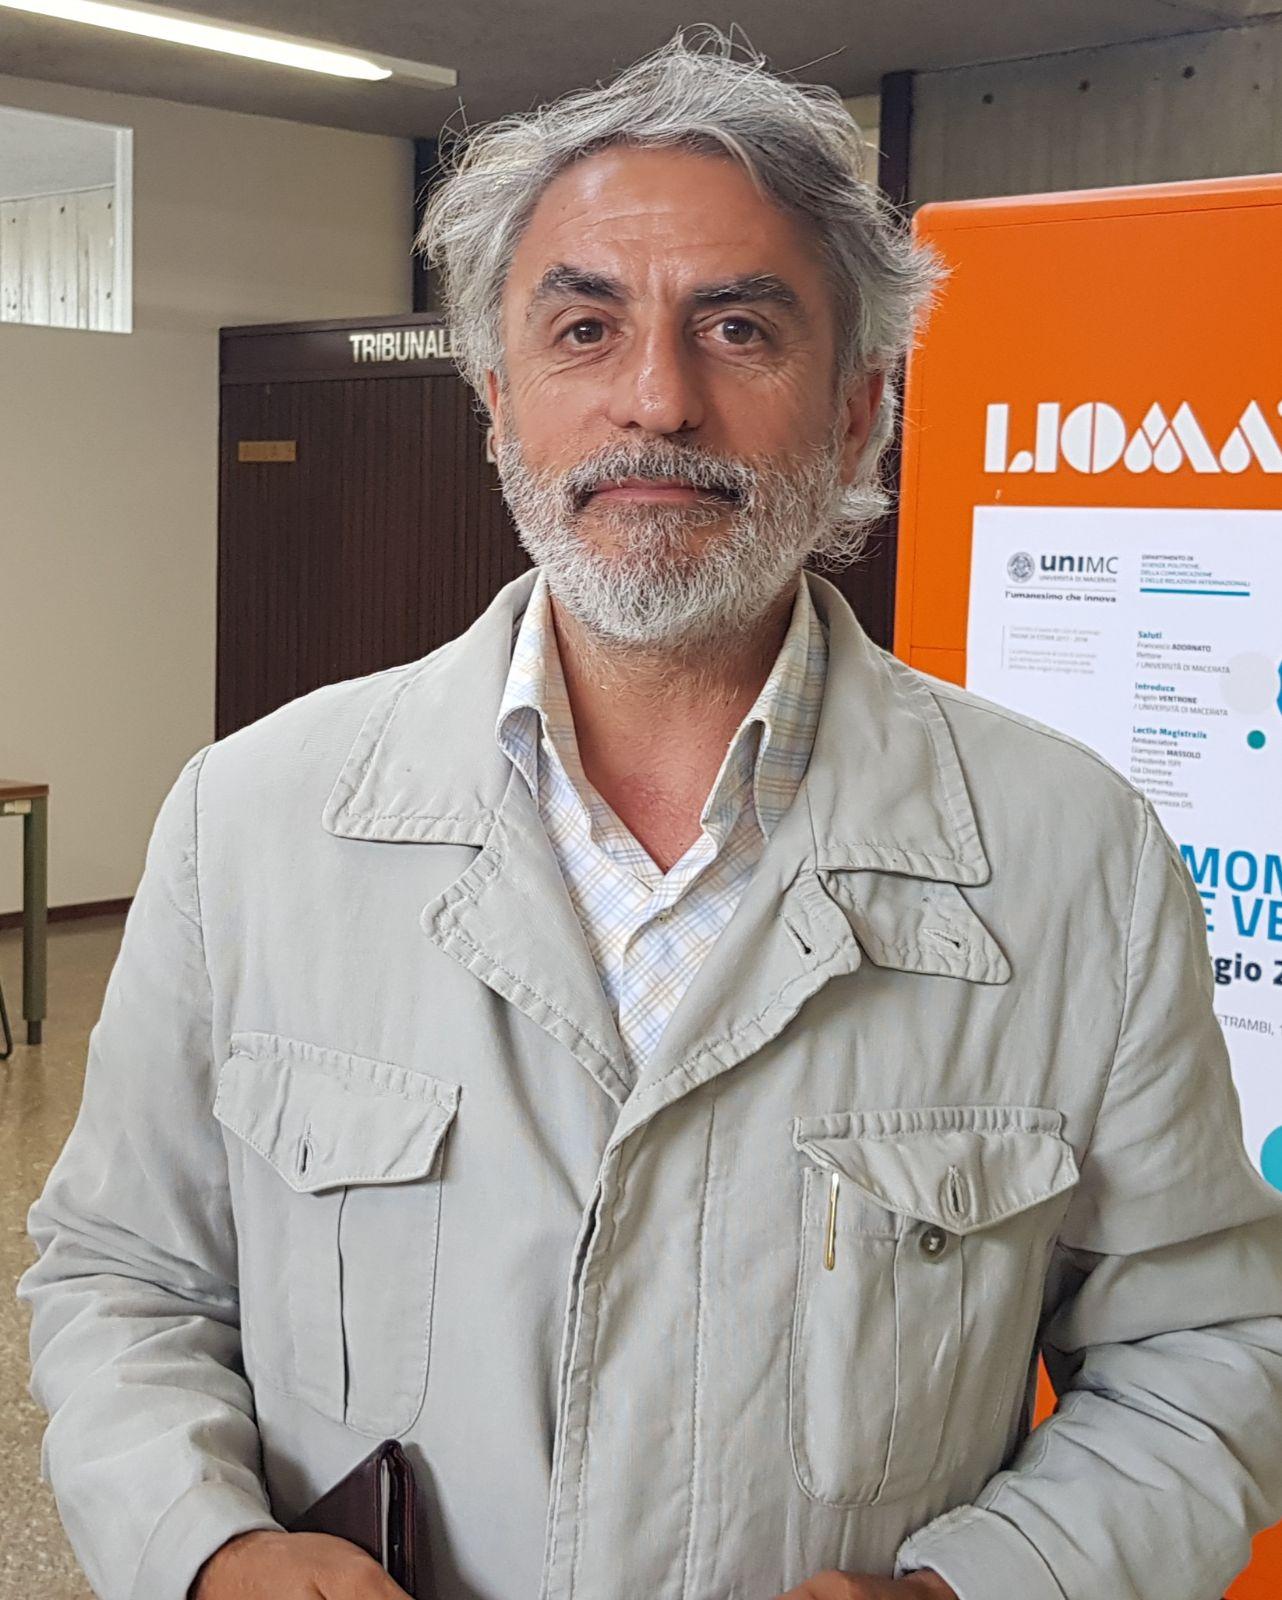 L'avvocato Gianfranco Borgani che assiste Desmond Lucky